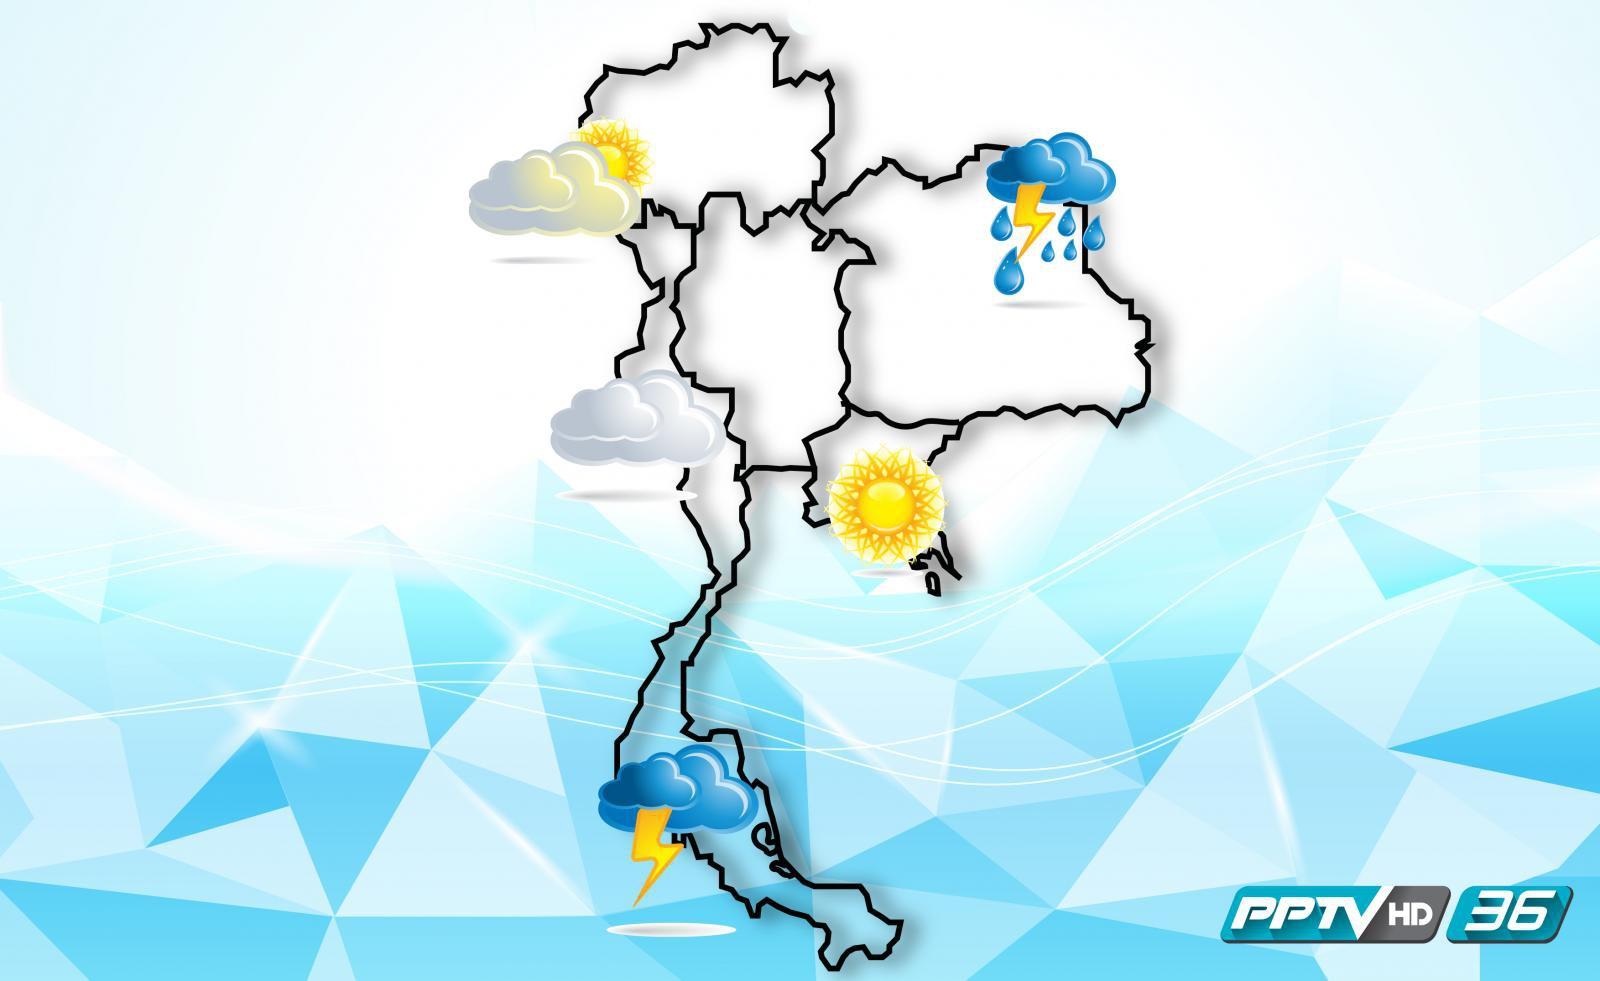 กรมอุตุฯ เผยภาคเหนือ มีฝนฟ้าคะนองร้อยละ 70 ของพื้นที่